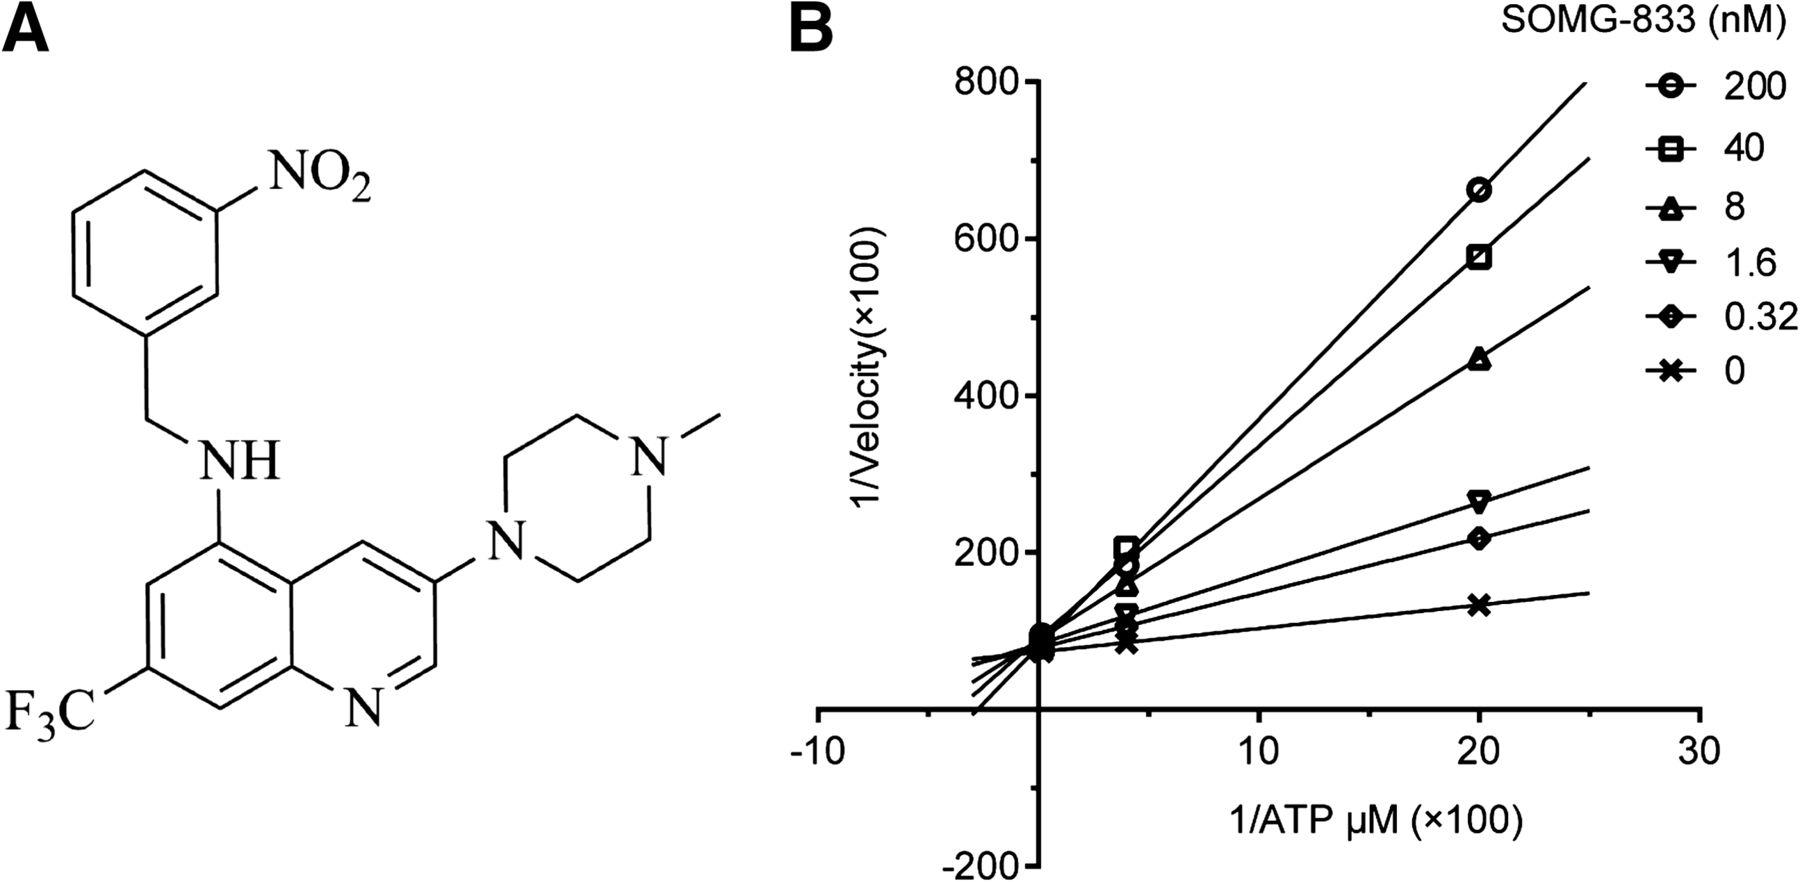 SOMG-833, a Novel Selective c-MET Inhibitor, Blocks c-MET